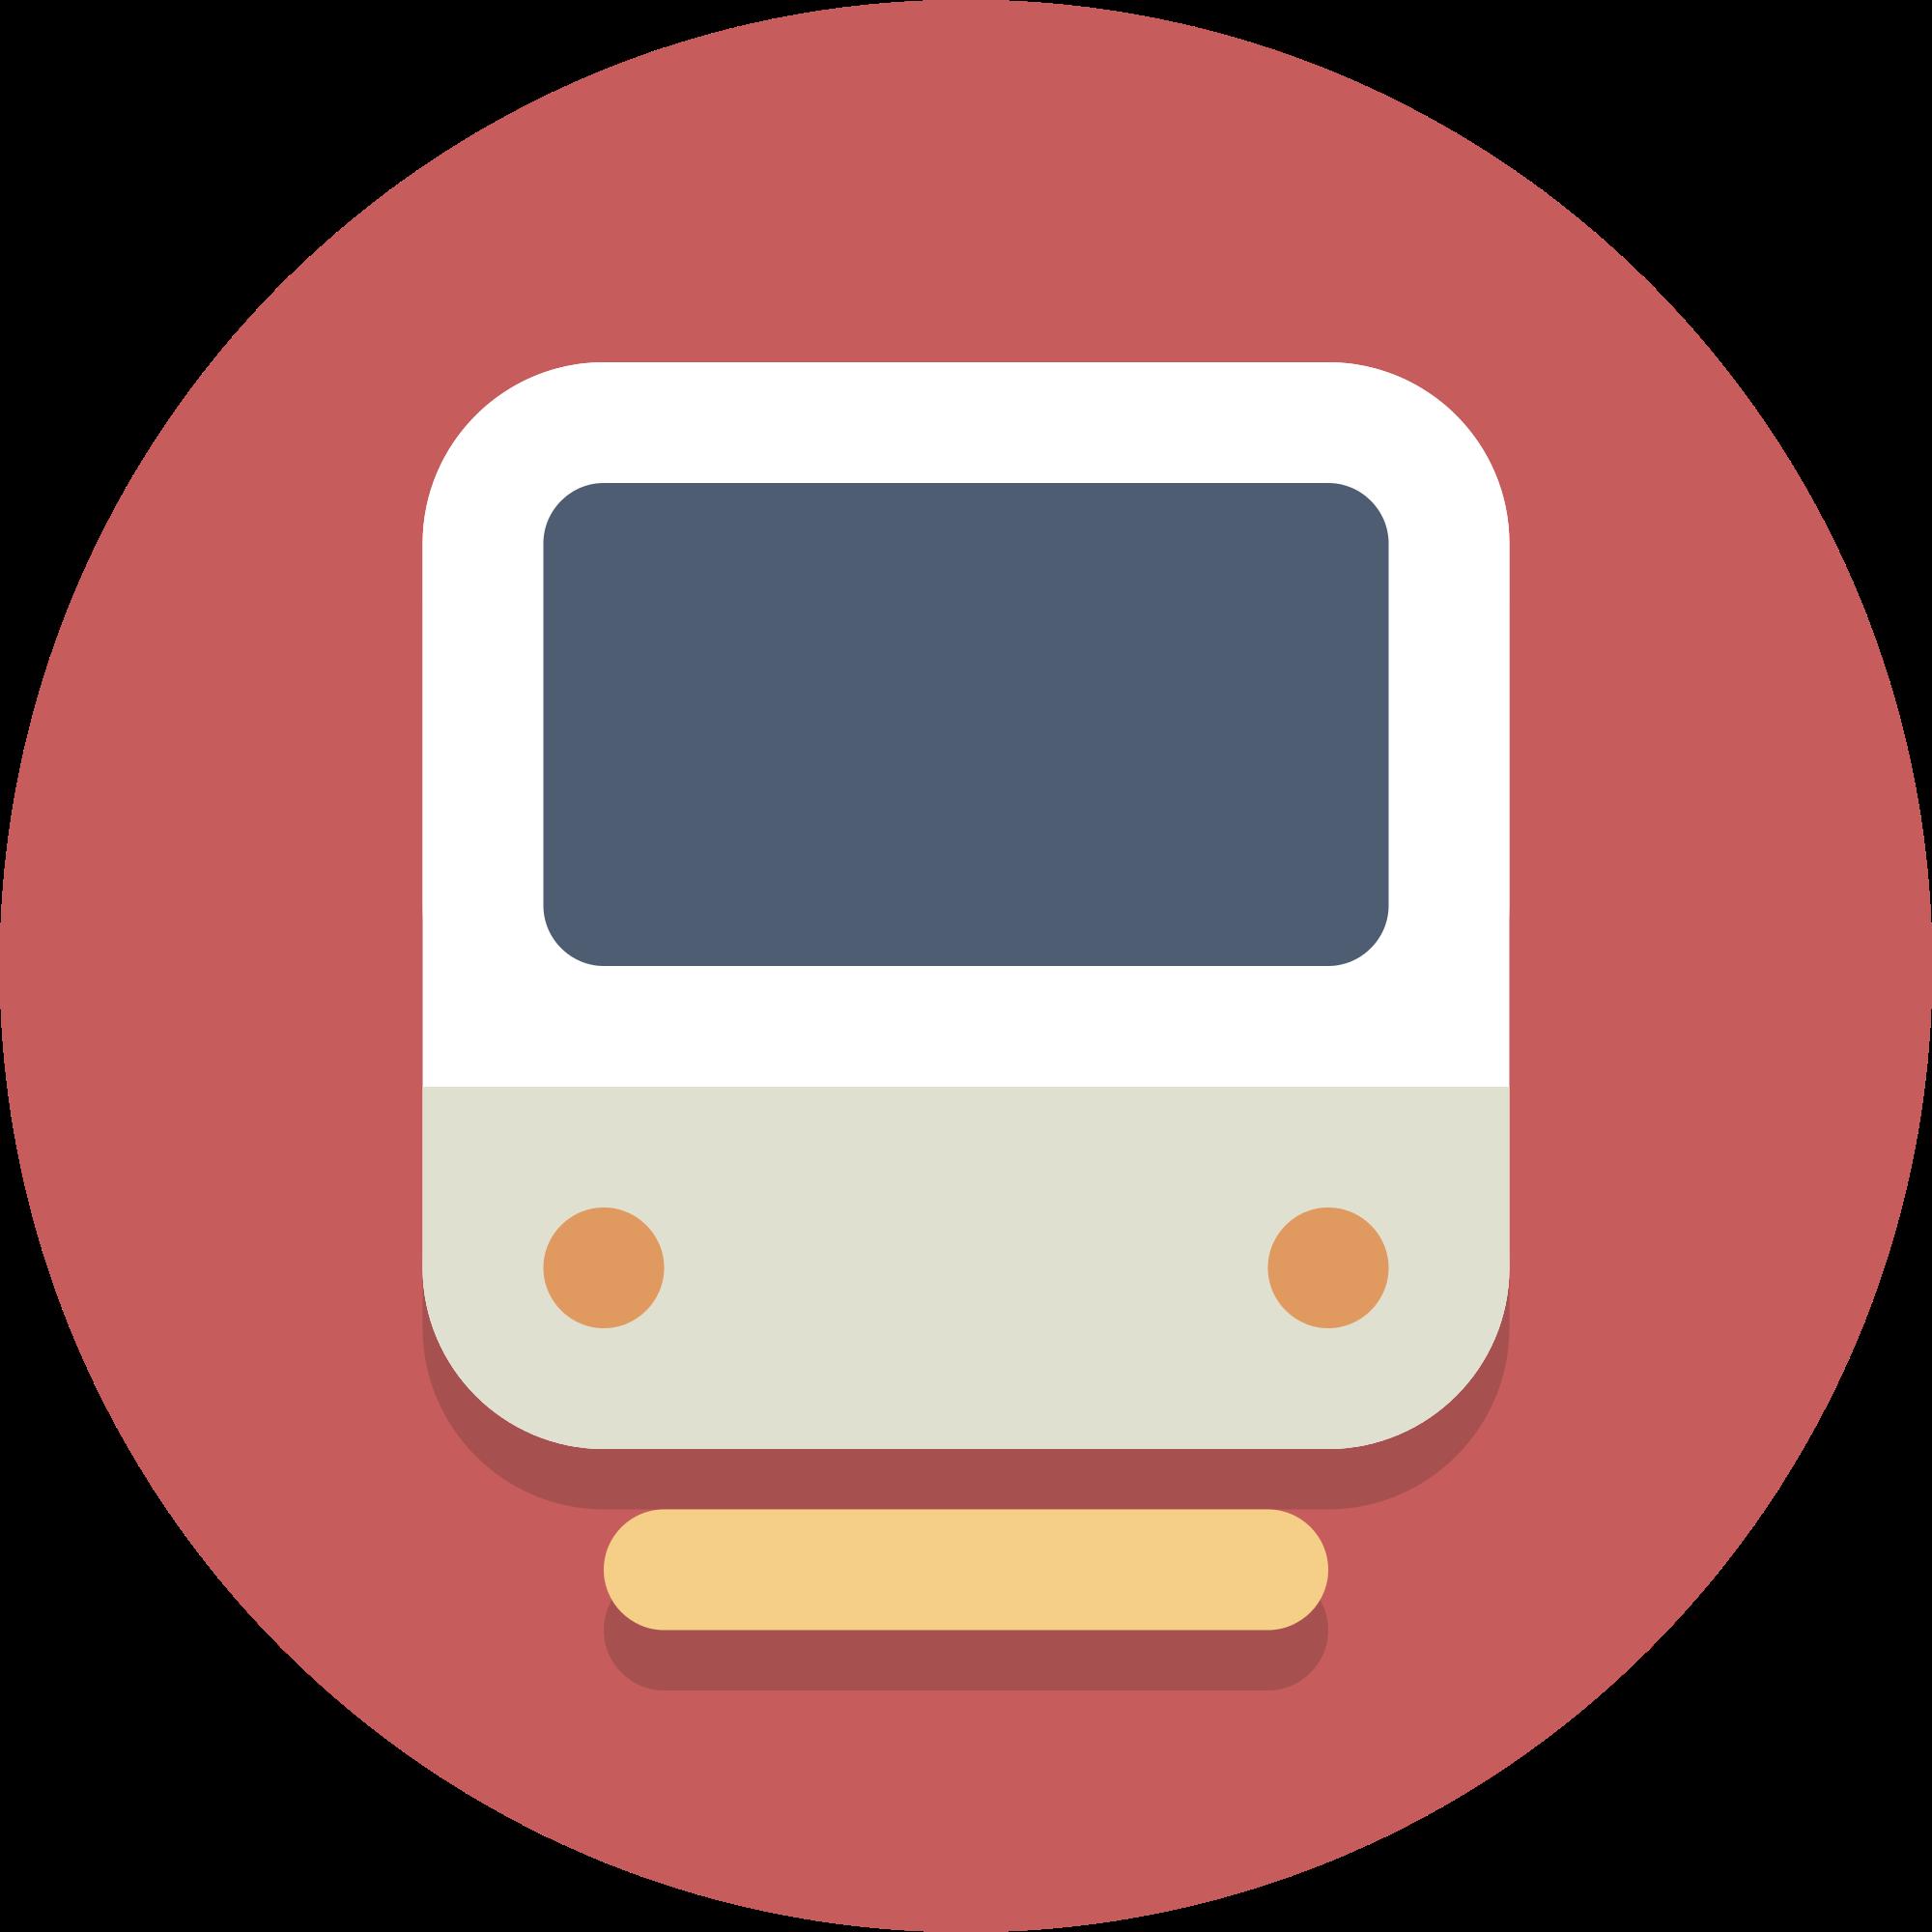 clipart train icon